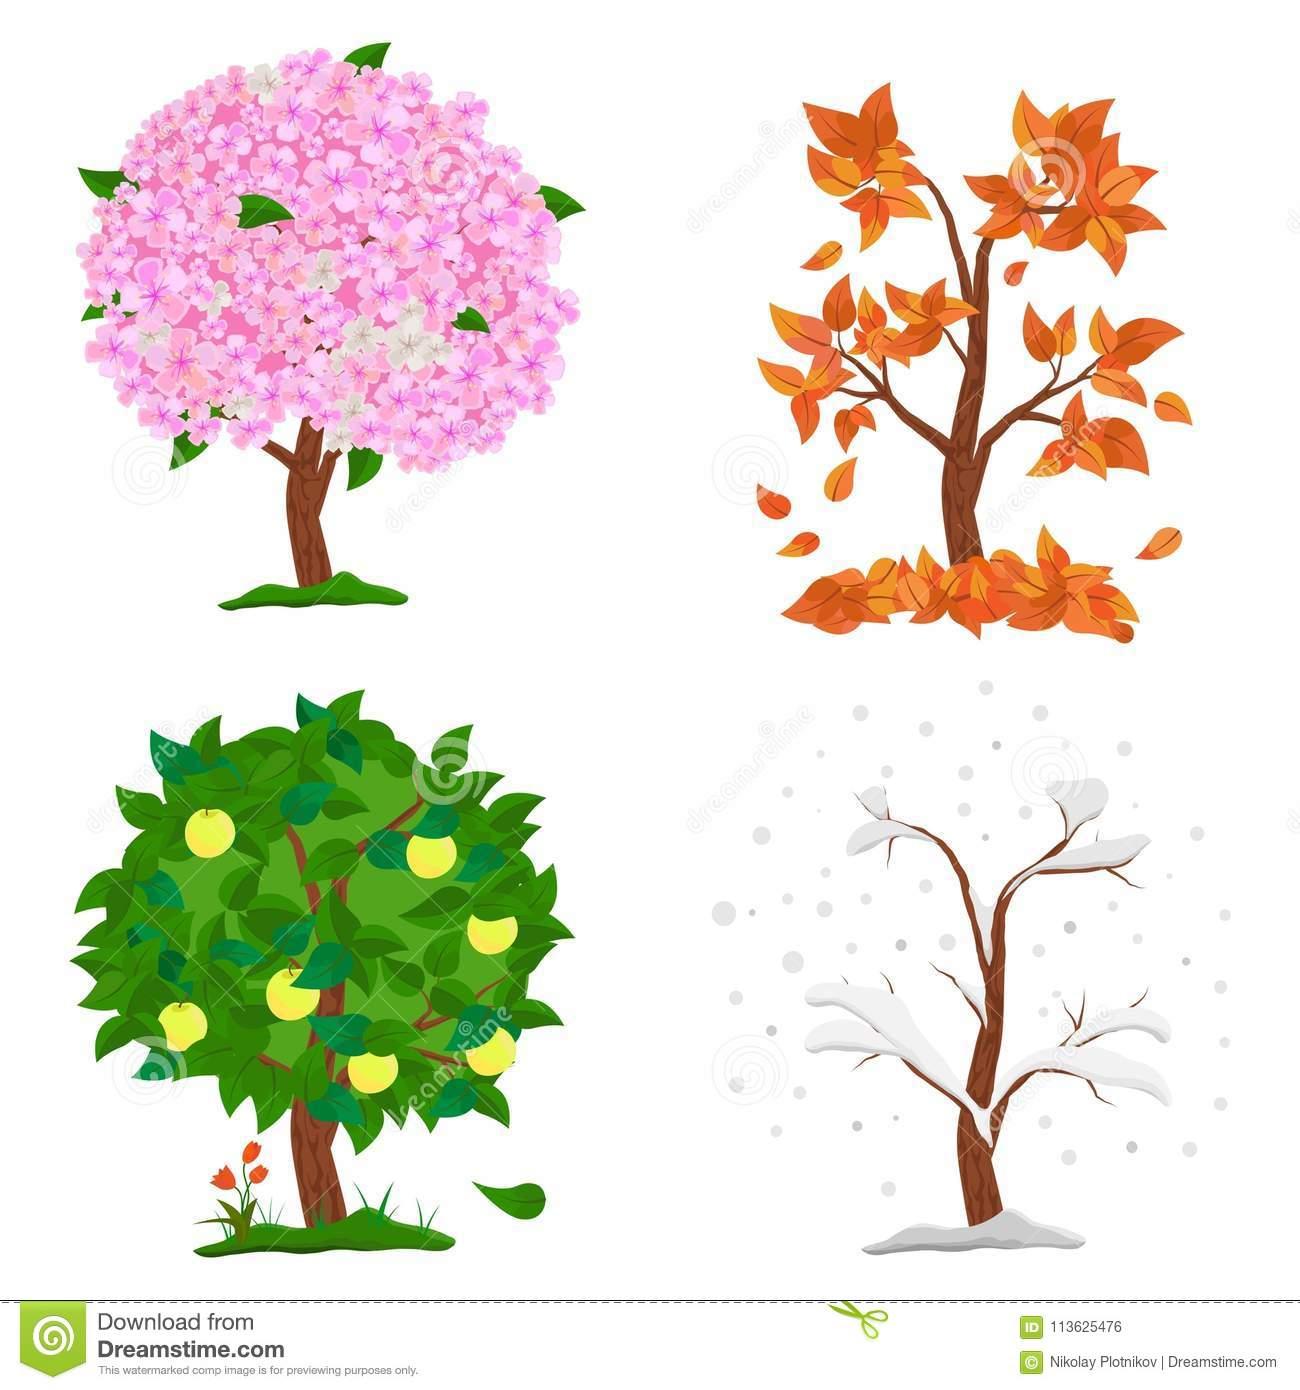 Baum In Vier Jahreszeiten - Frühling, Sommer, Herbst, Winter ganzes 4 Jahreszeiten Baum